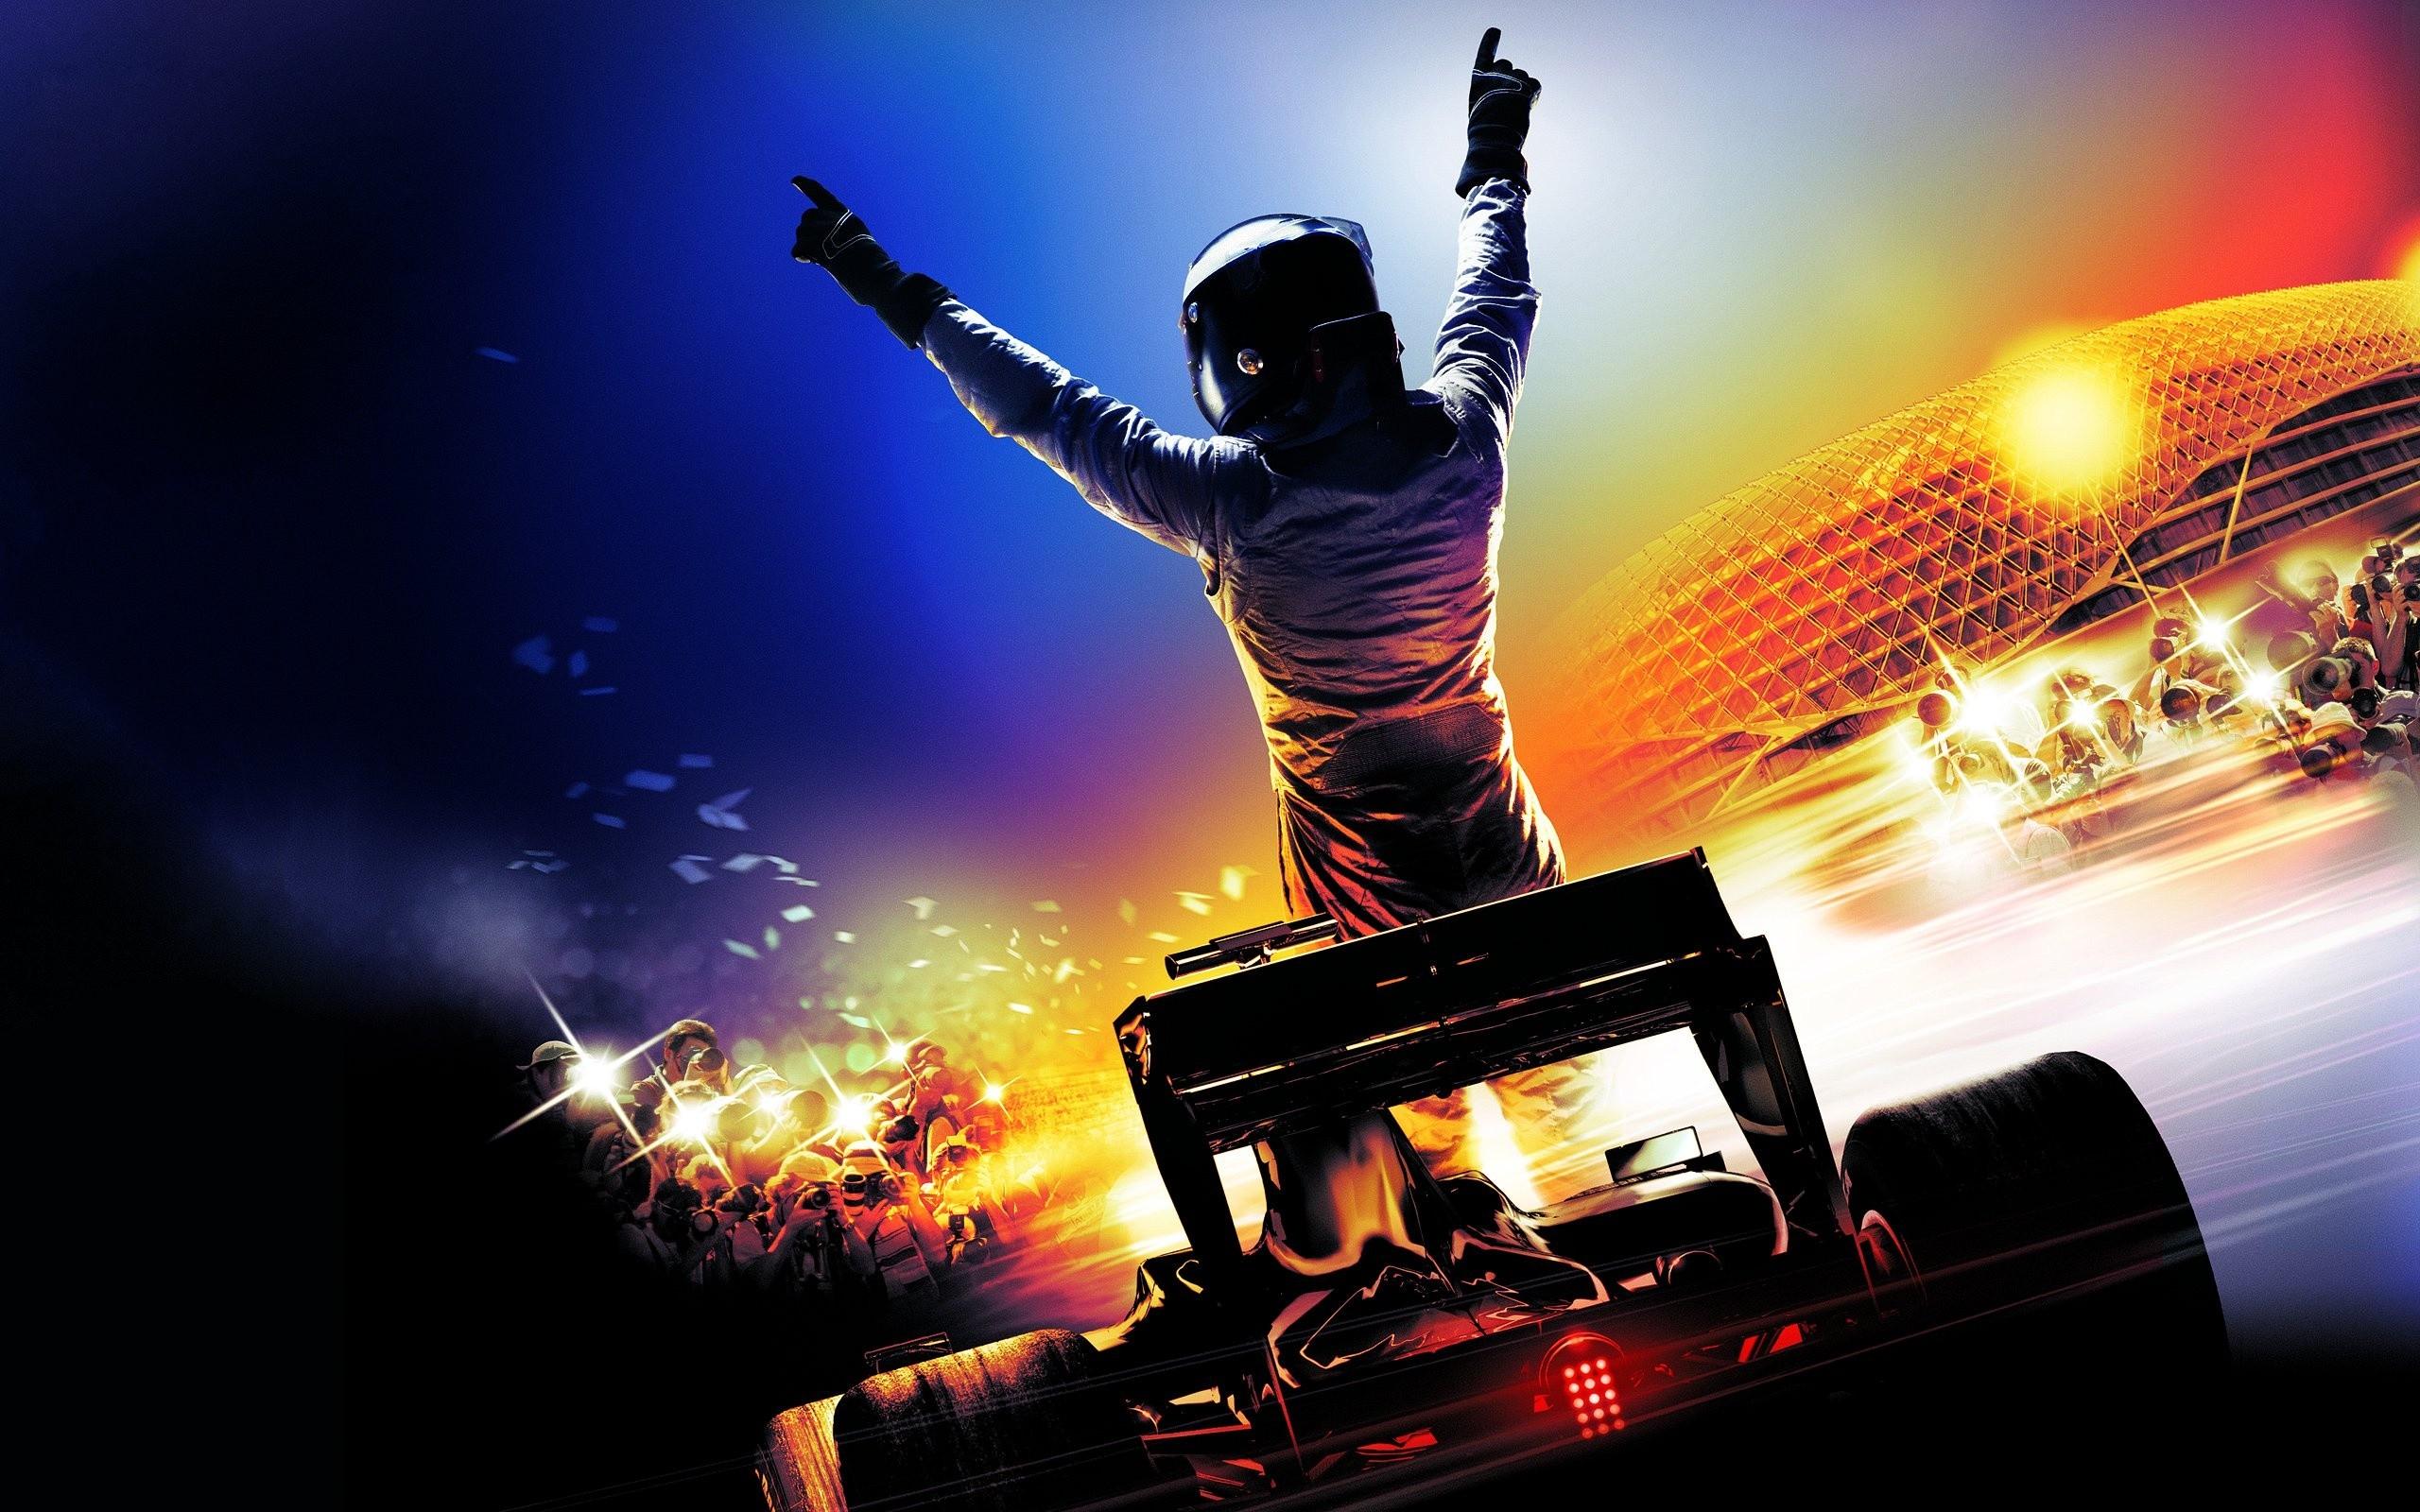 Download Formula One Wallpaper 2560x1600 Wallpoper 341917 2560x1600